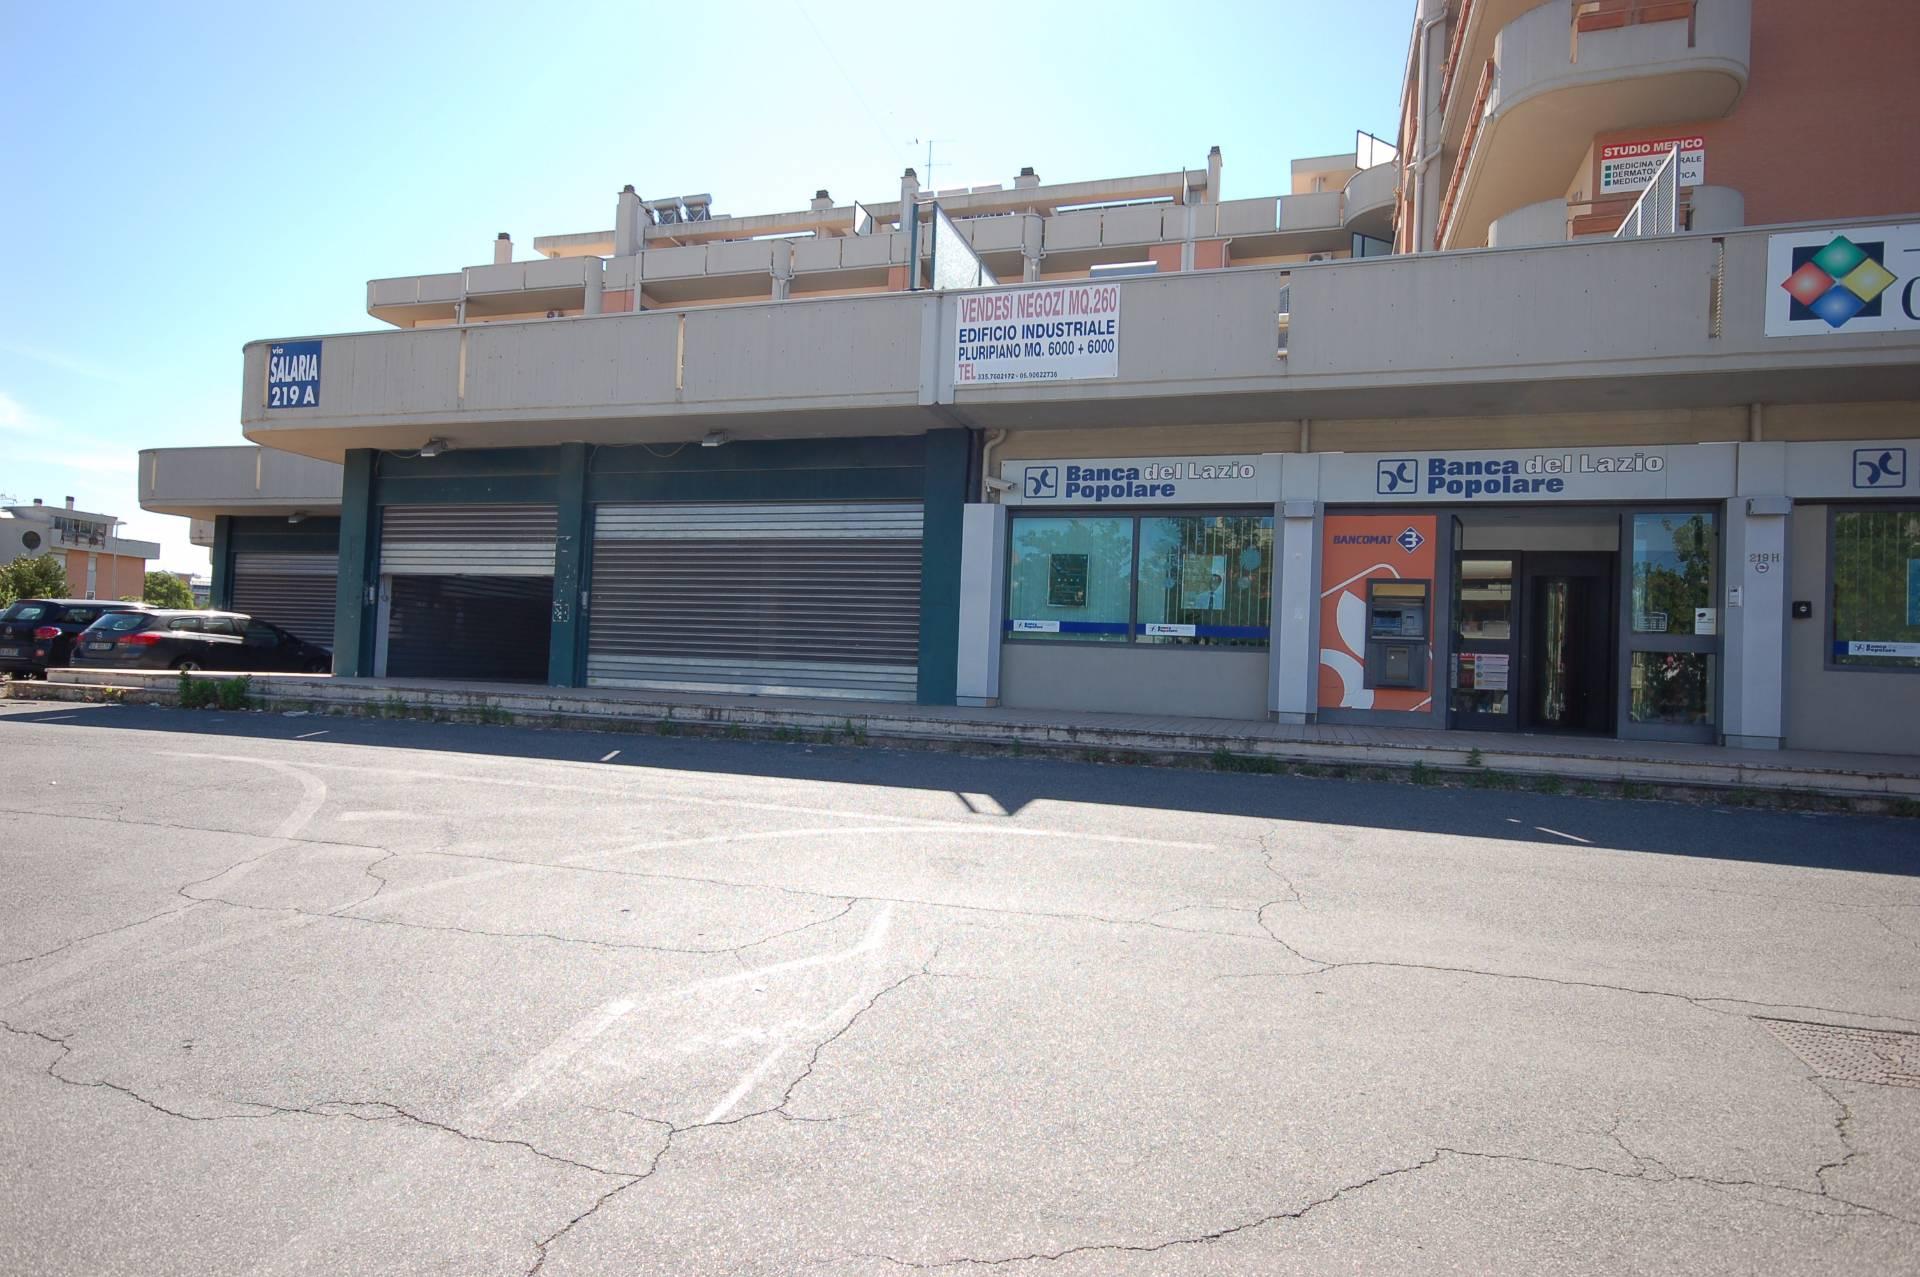 Negozio / Locale in vendita a Monterotondo, 9999 locali, zona Località: MonterotondoScalo, prezzo € 1.920.000   Cambio Casa.it